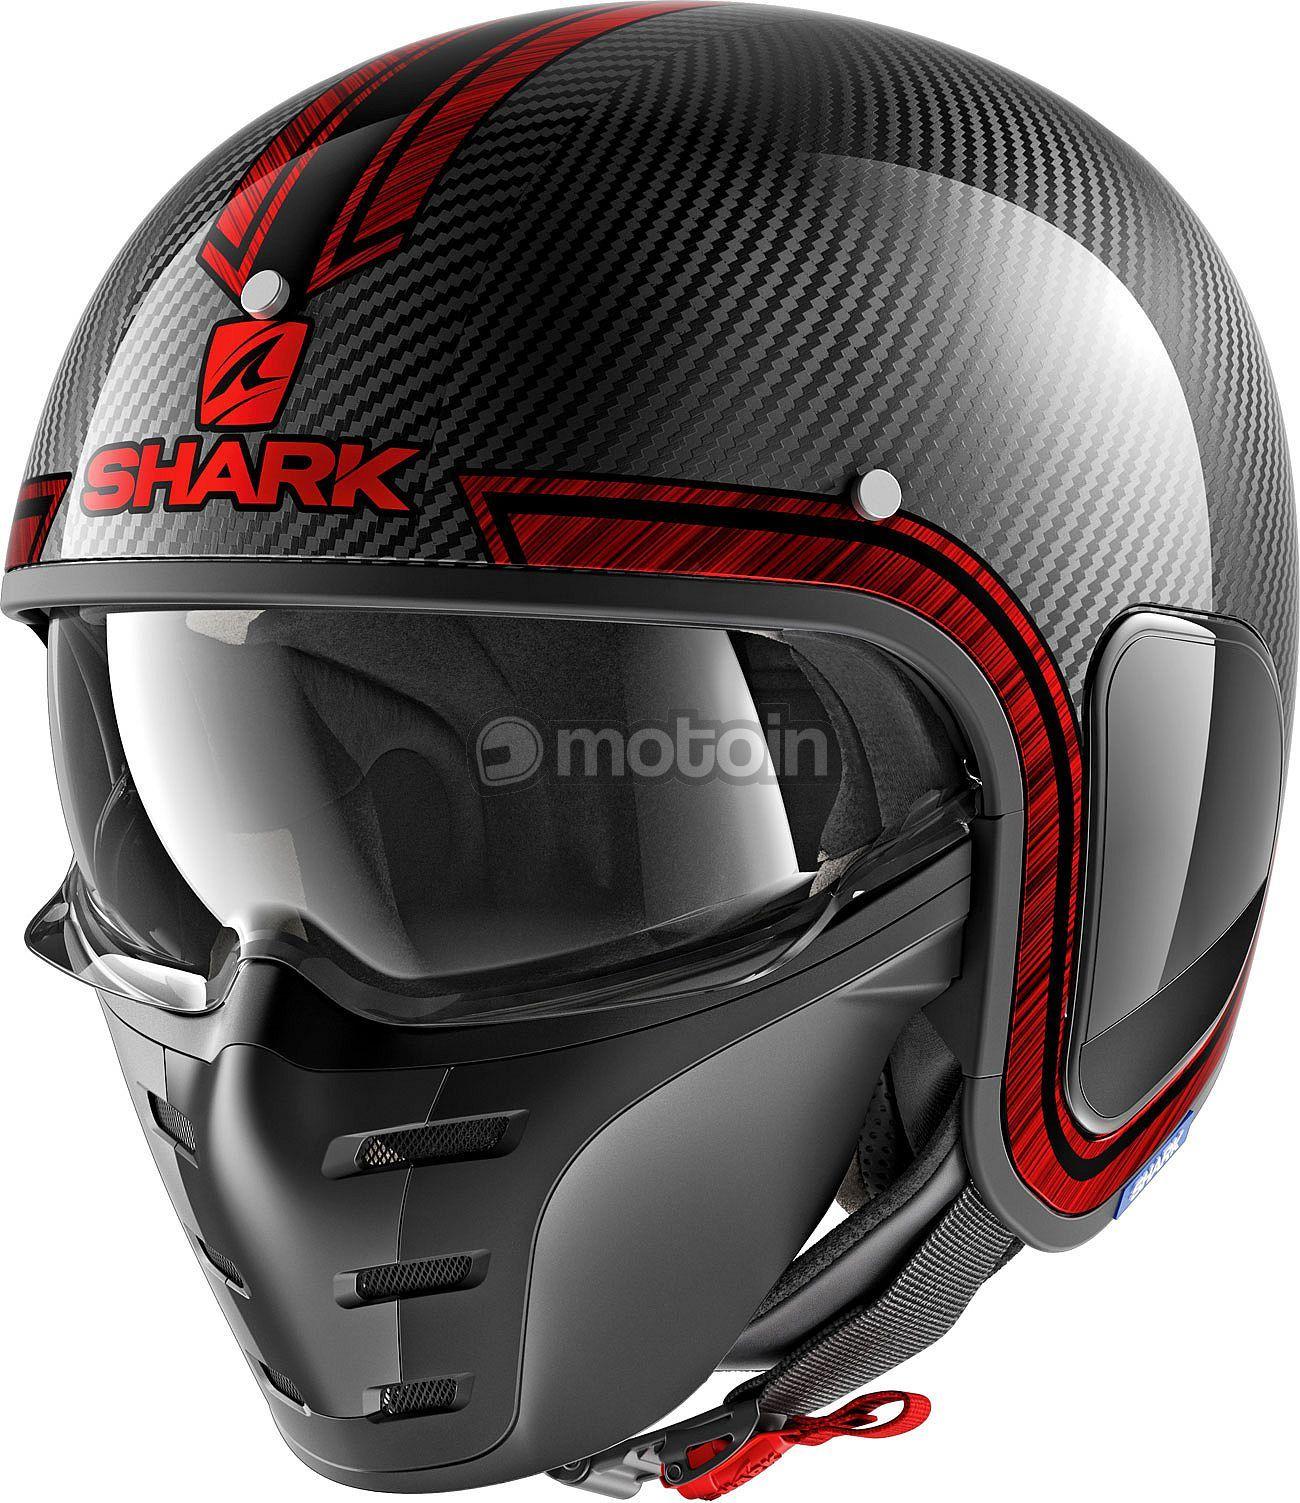 Shark S Drak Vinta Carbon Jethelm Helmets Shark Helmets